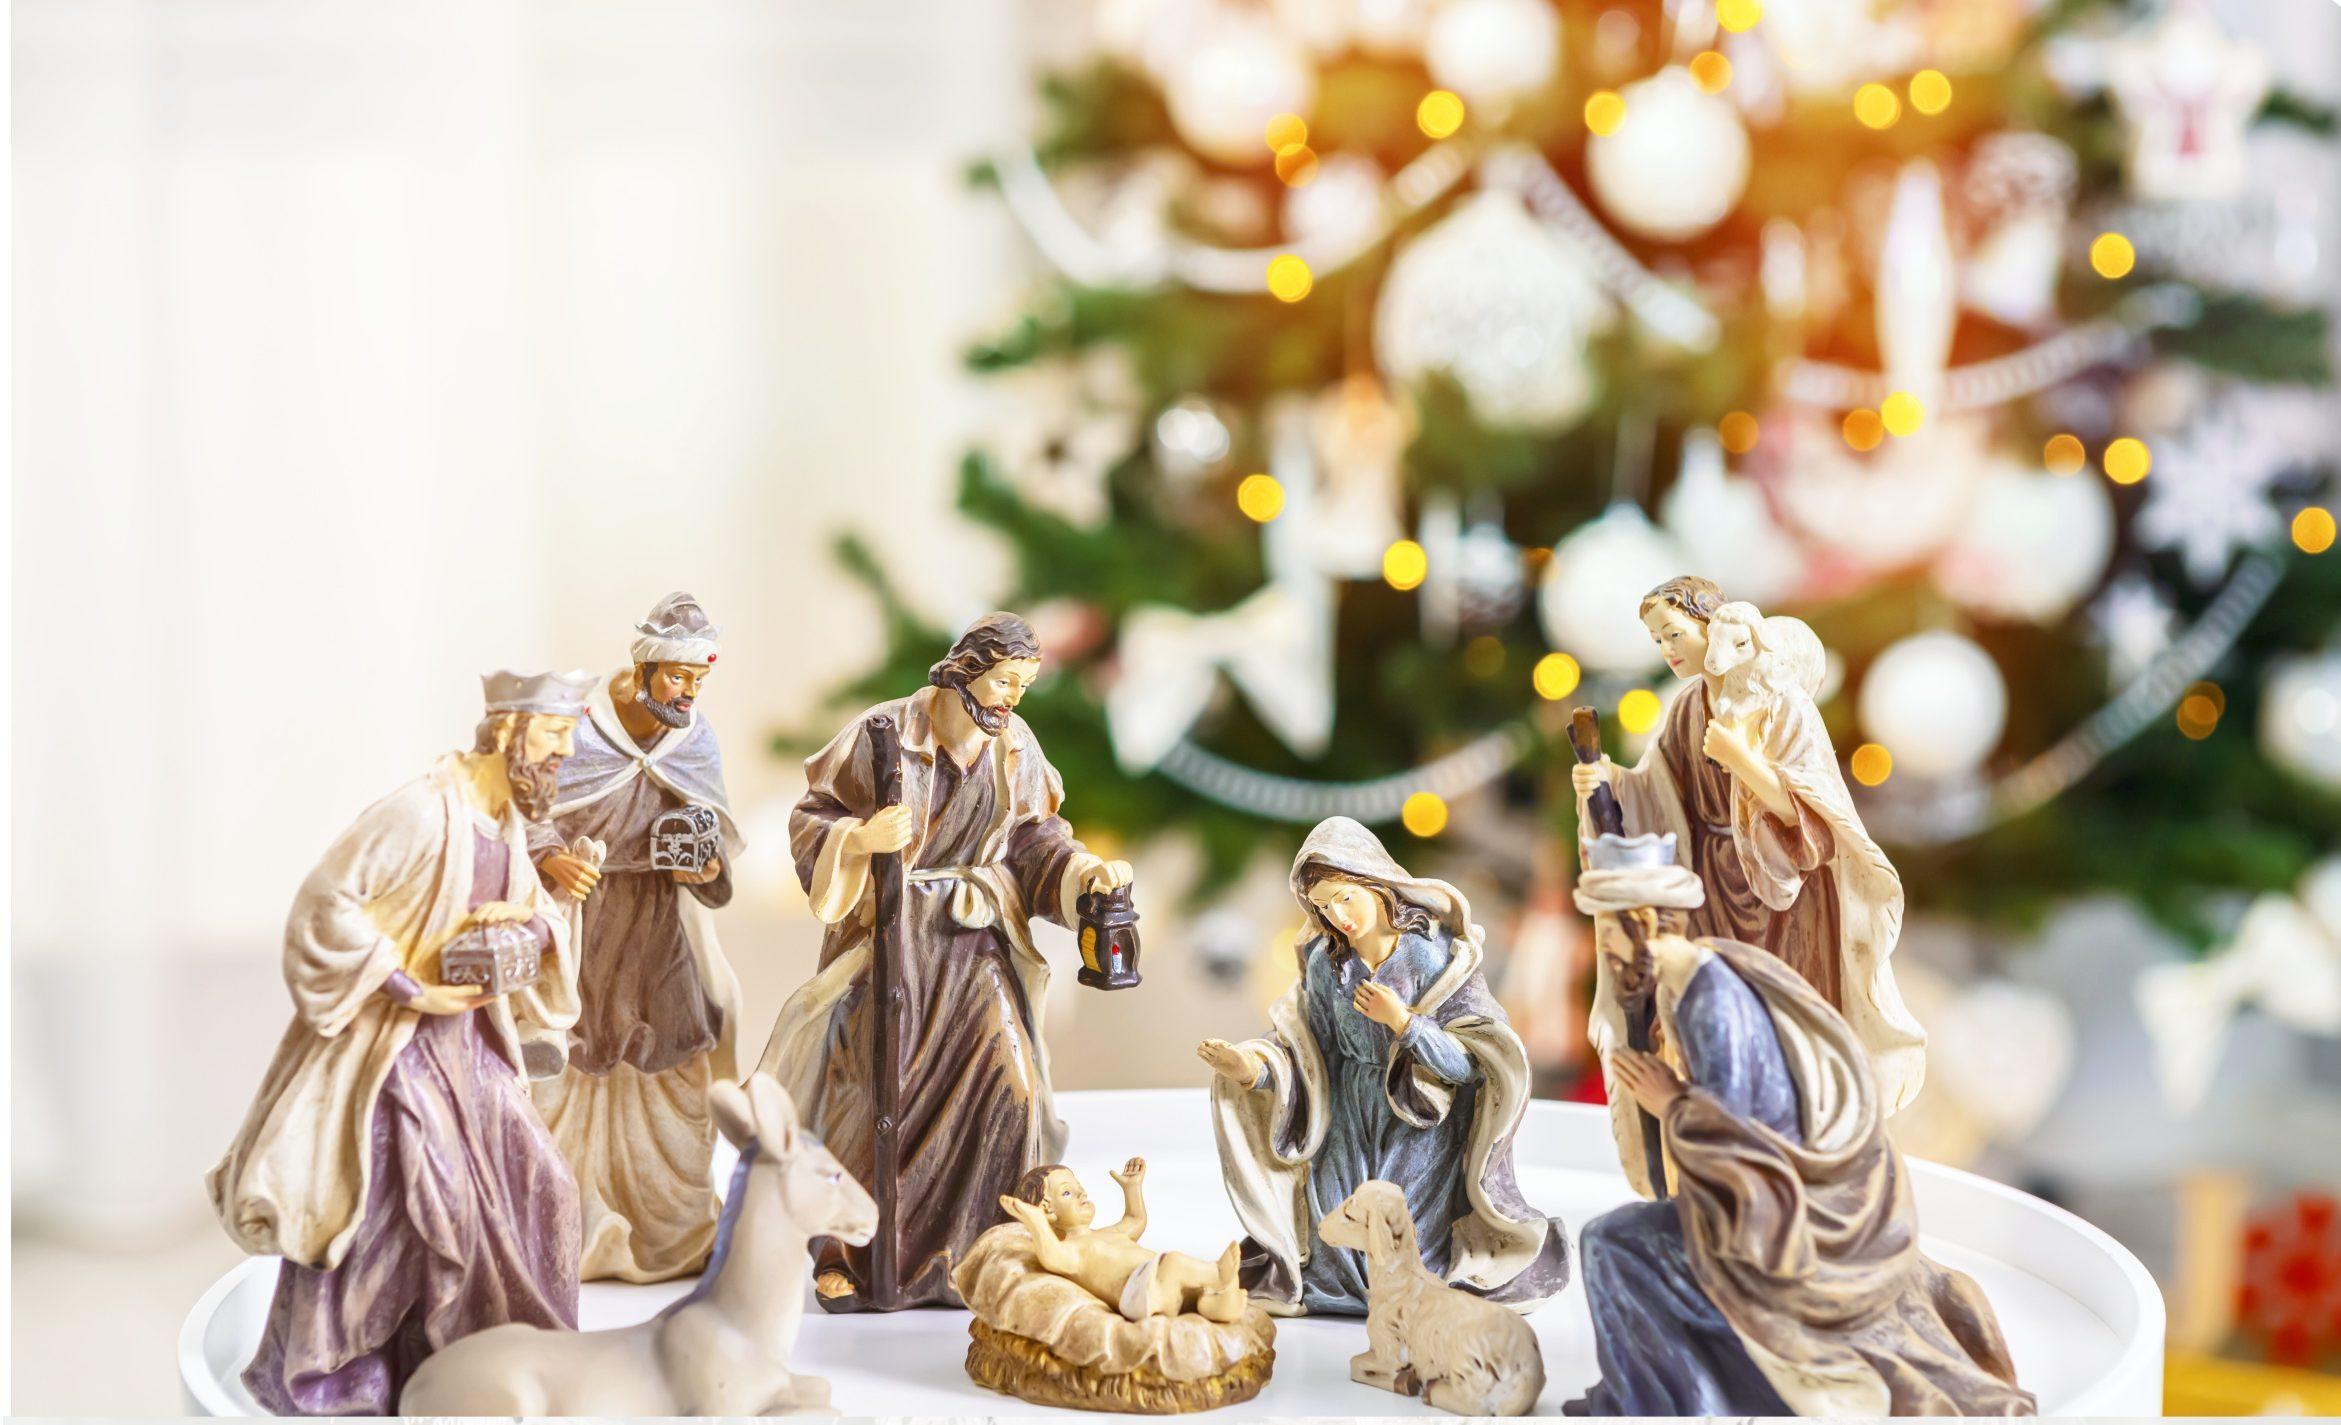 grafika - figurki z szopki bożonarodzeniowej na rozmazanym tle choinki